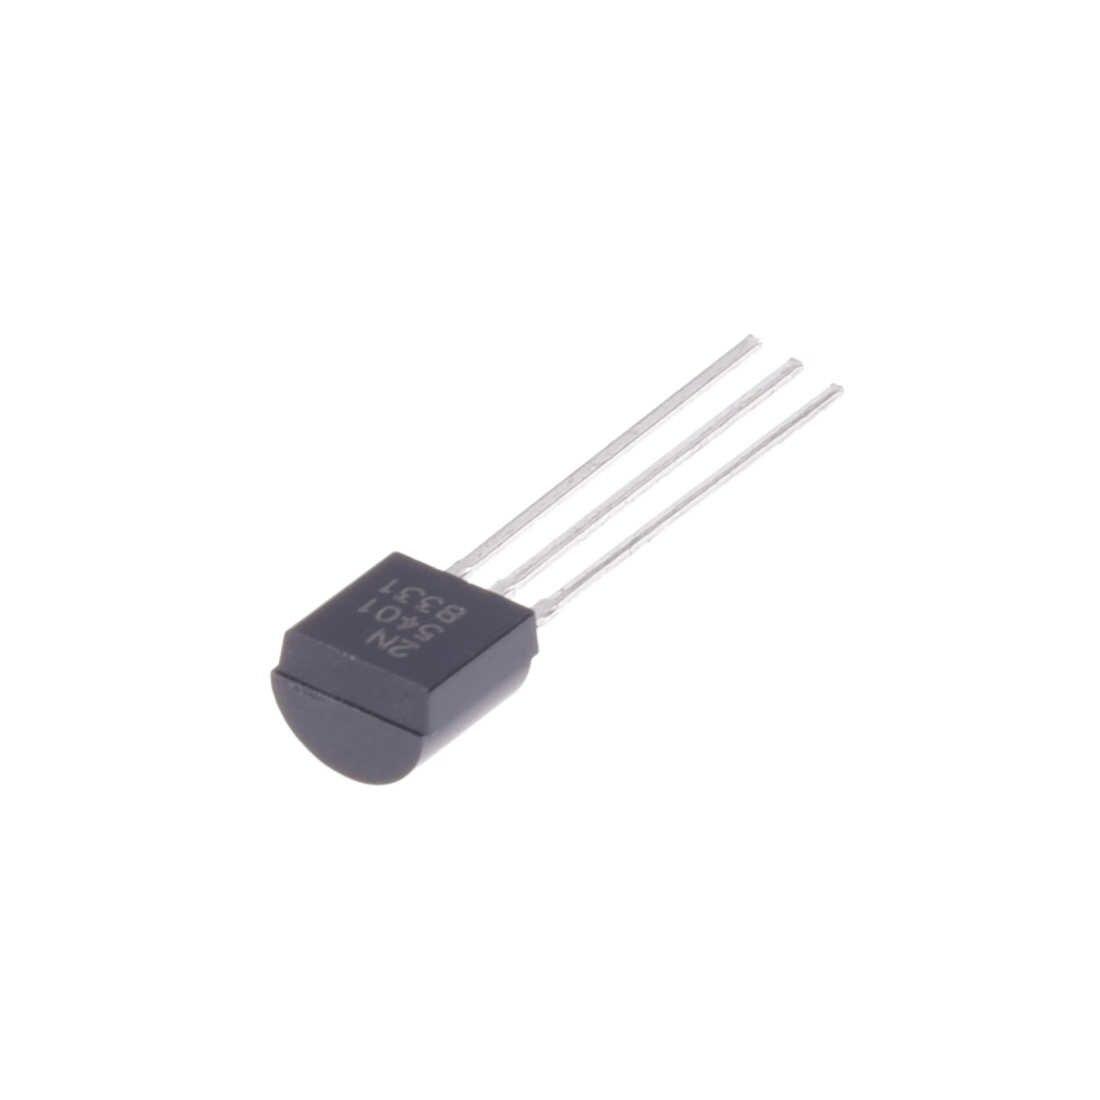 القطط 10 قطعة السيليكون PNP الترانزستور مكبر للصوت 150V 0.6A TO92 2N5401